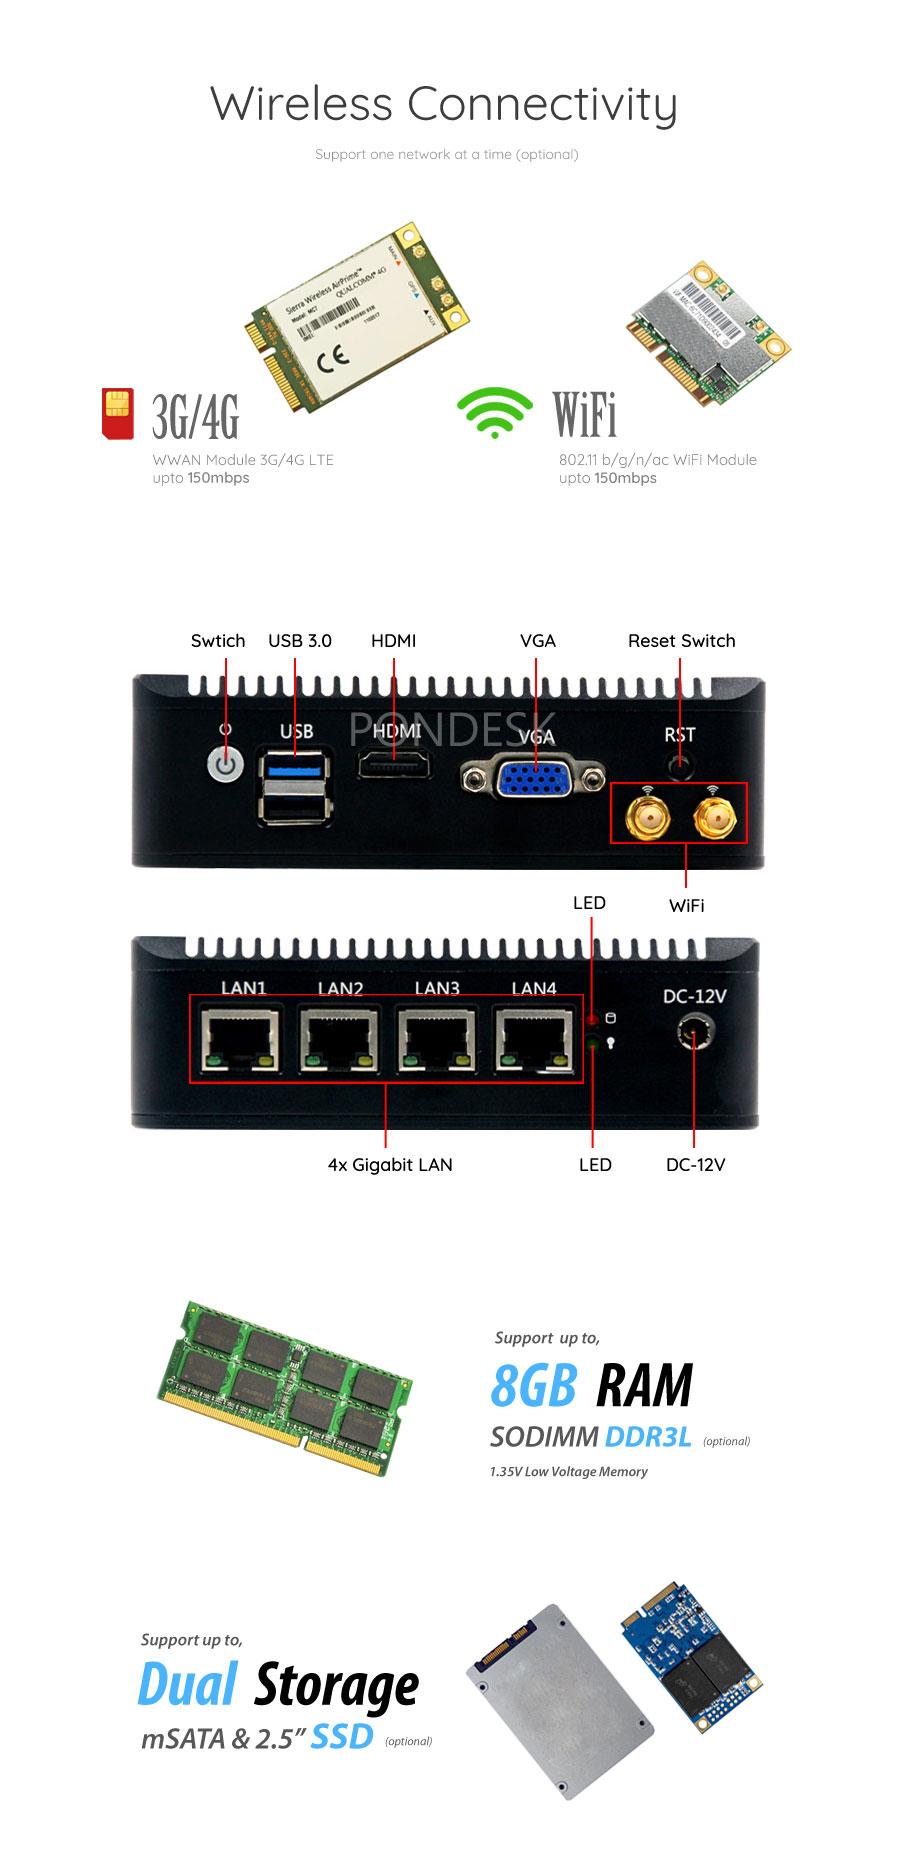 Intel J1900 4 LAN 3G/4G WiFi Firewall Router Fanless Mini PC - MNHO-043 | Image